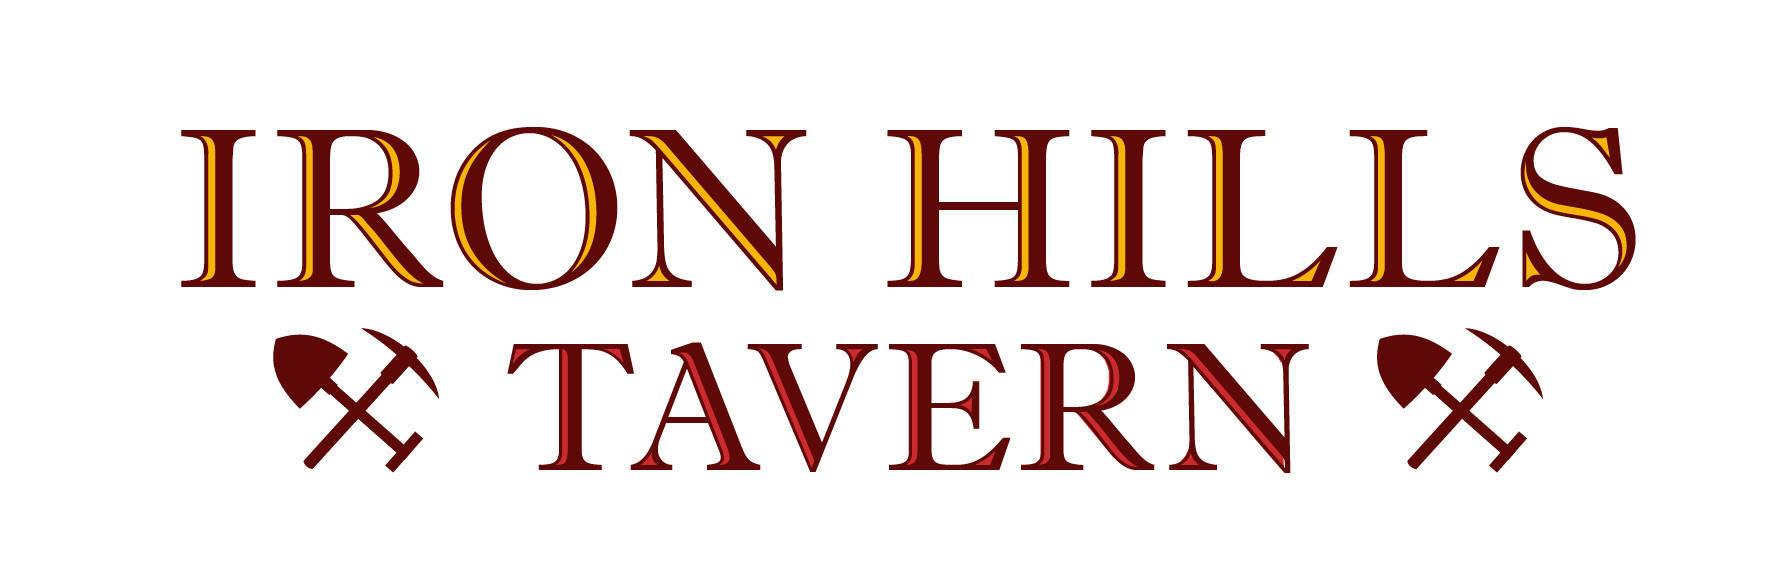 4b717106915067900a24_logo1.jpg